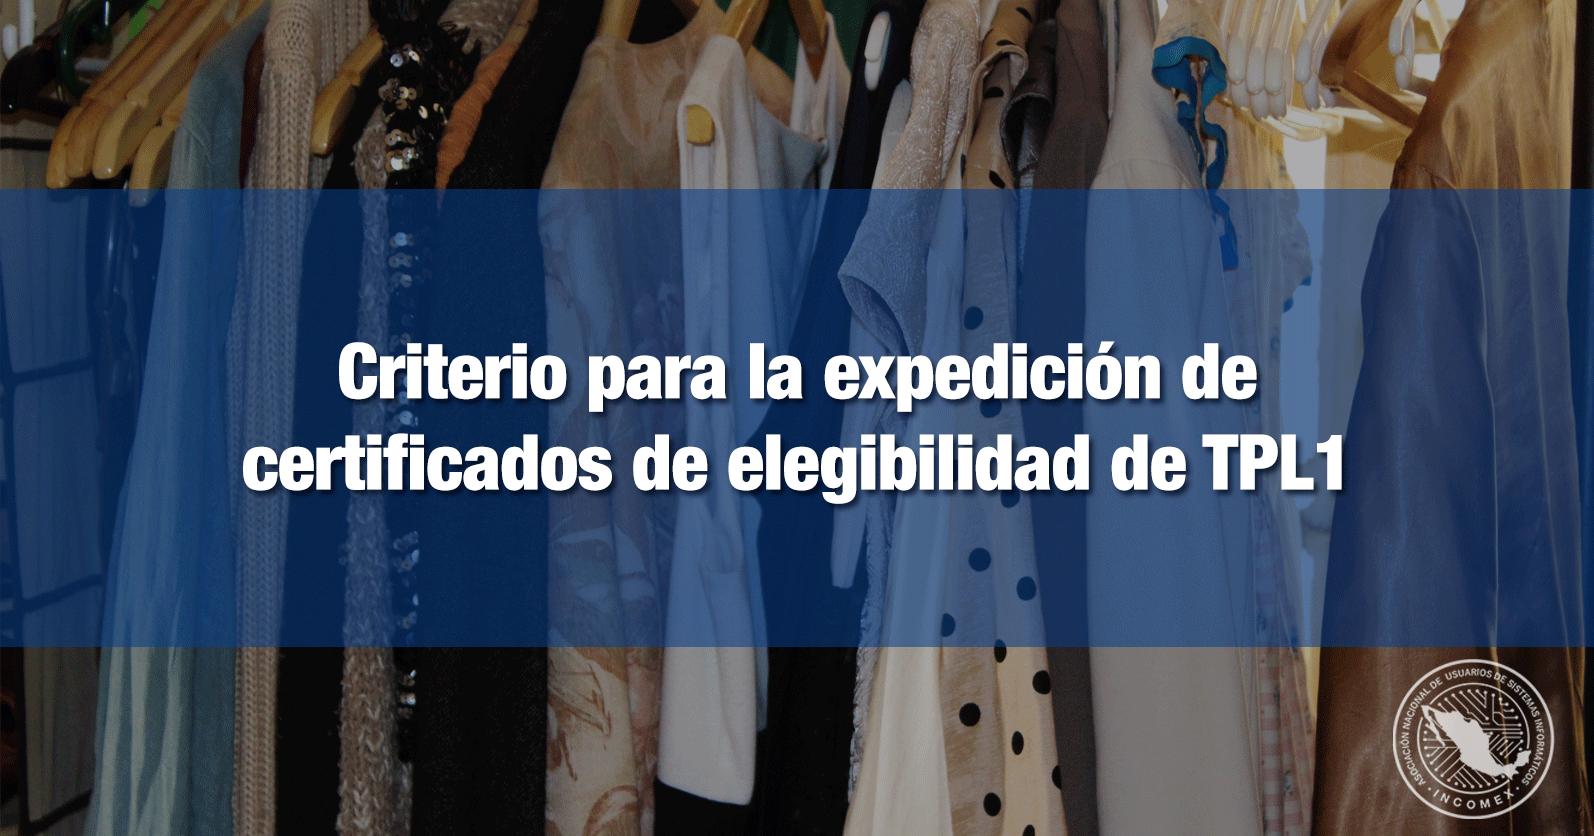 Criterio para la expedición de certificados de elegibilidad de TPL1